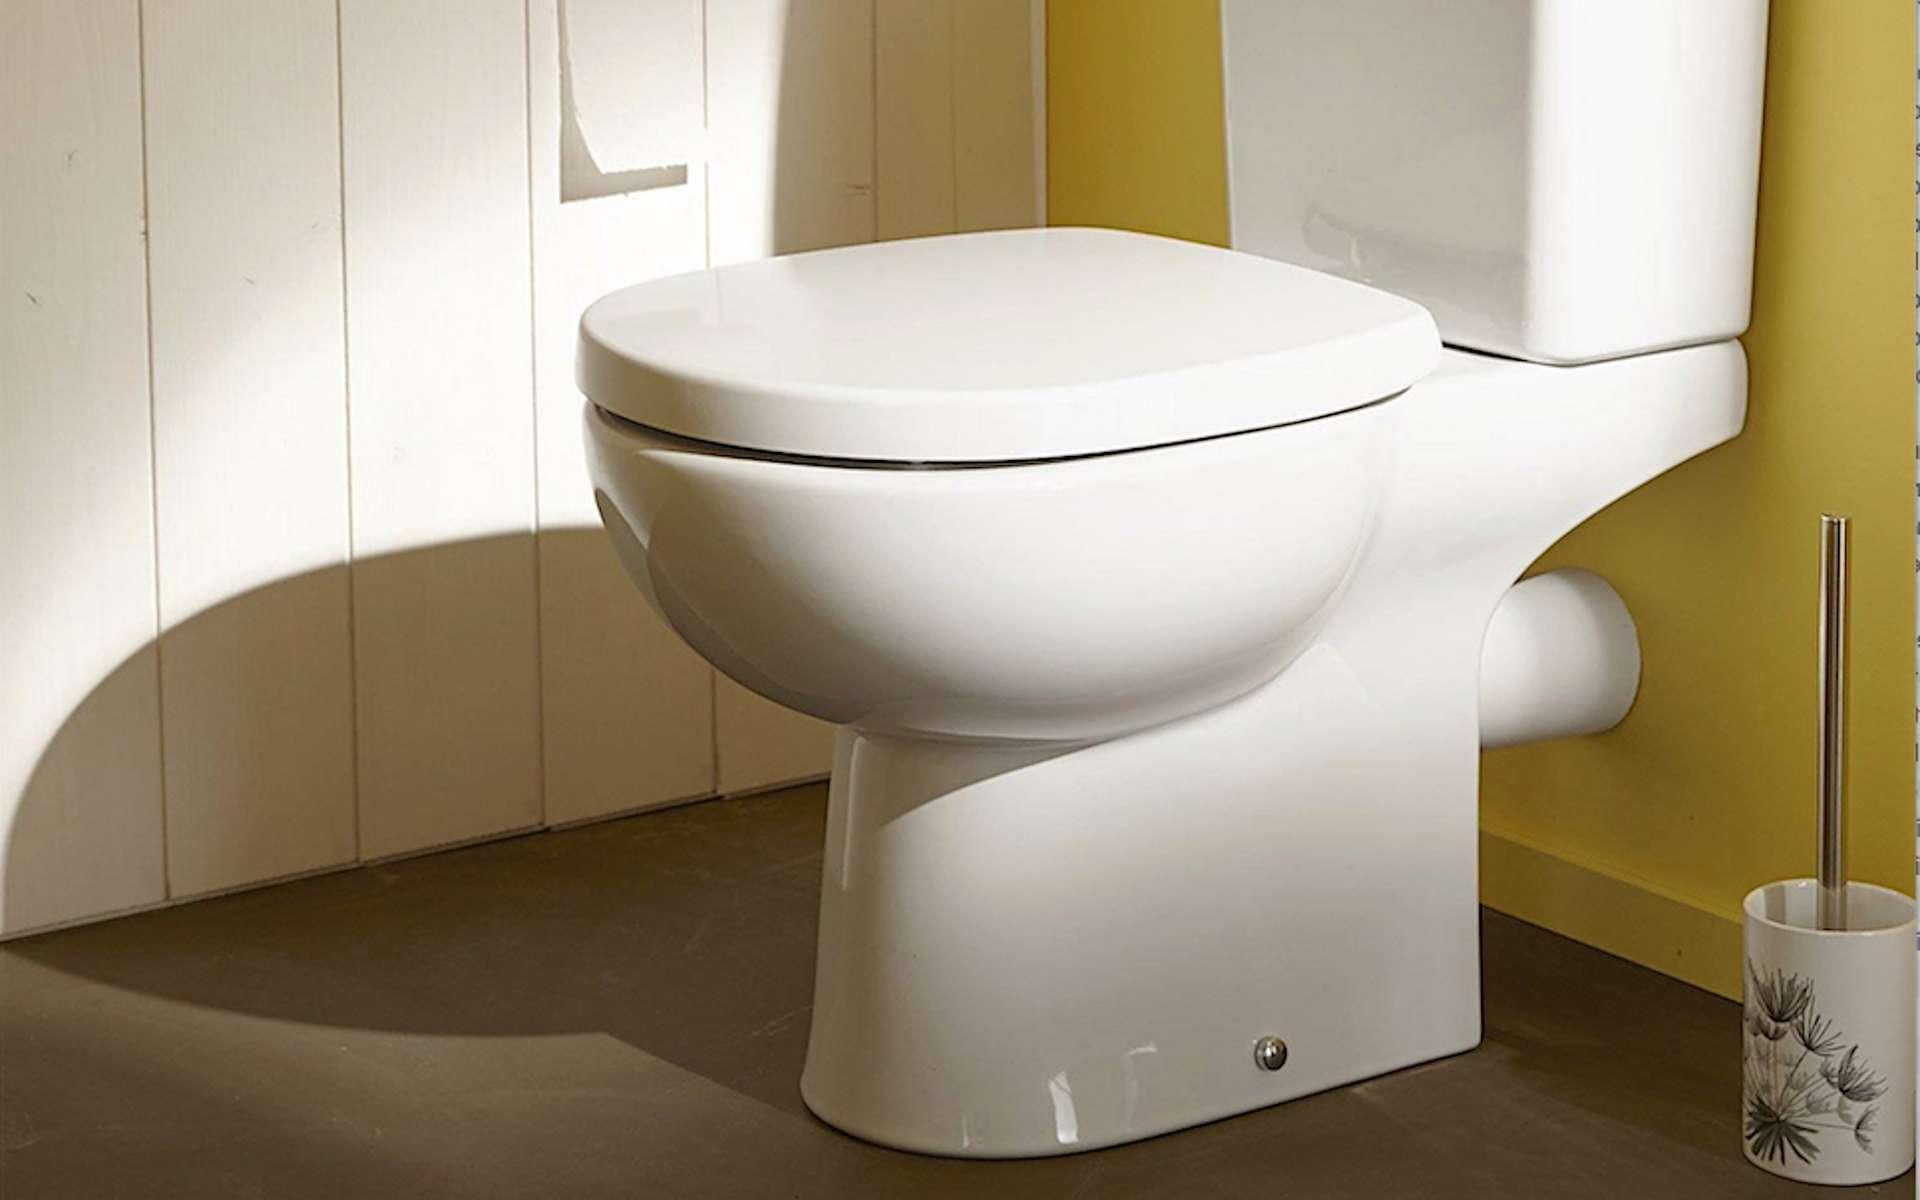 La pipe est le tube qui relie la cuvette du WC au système d'évacuation des eaux usées. © Leroy Merlin